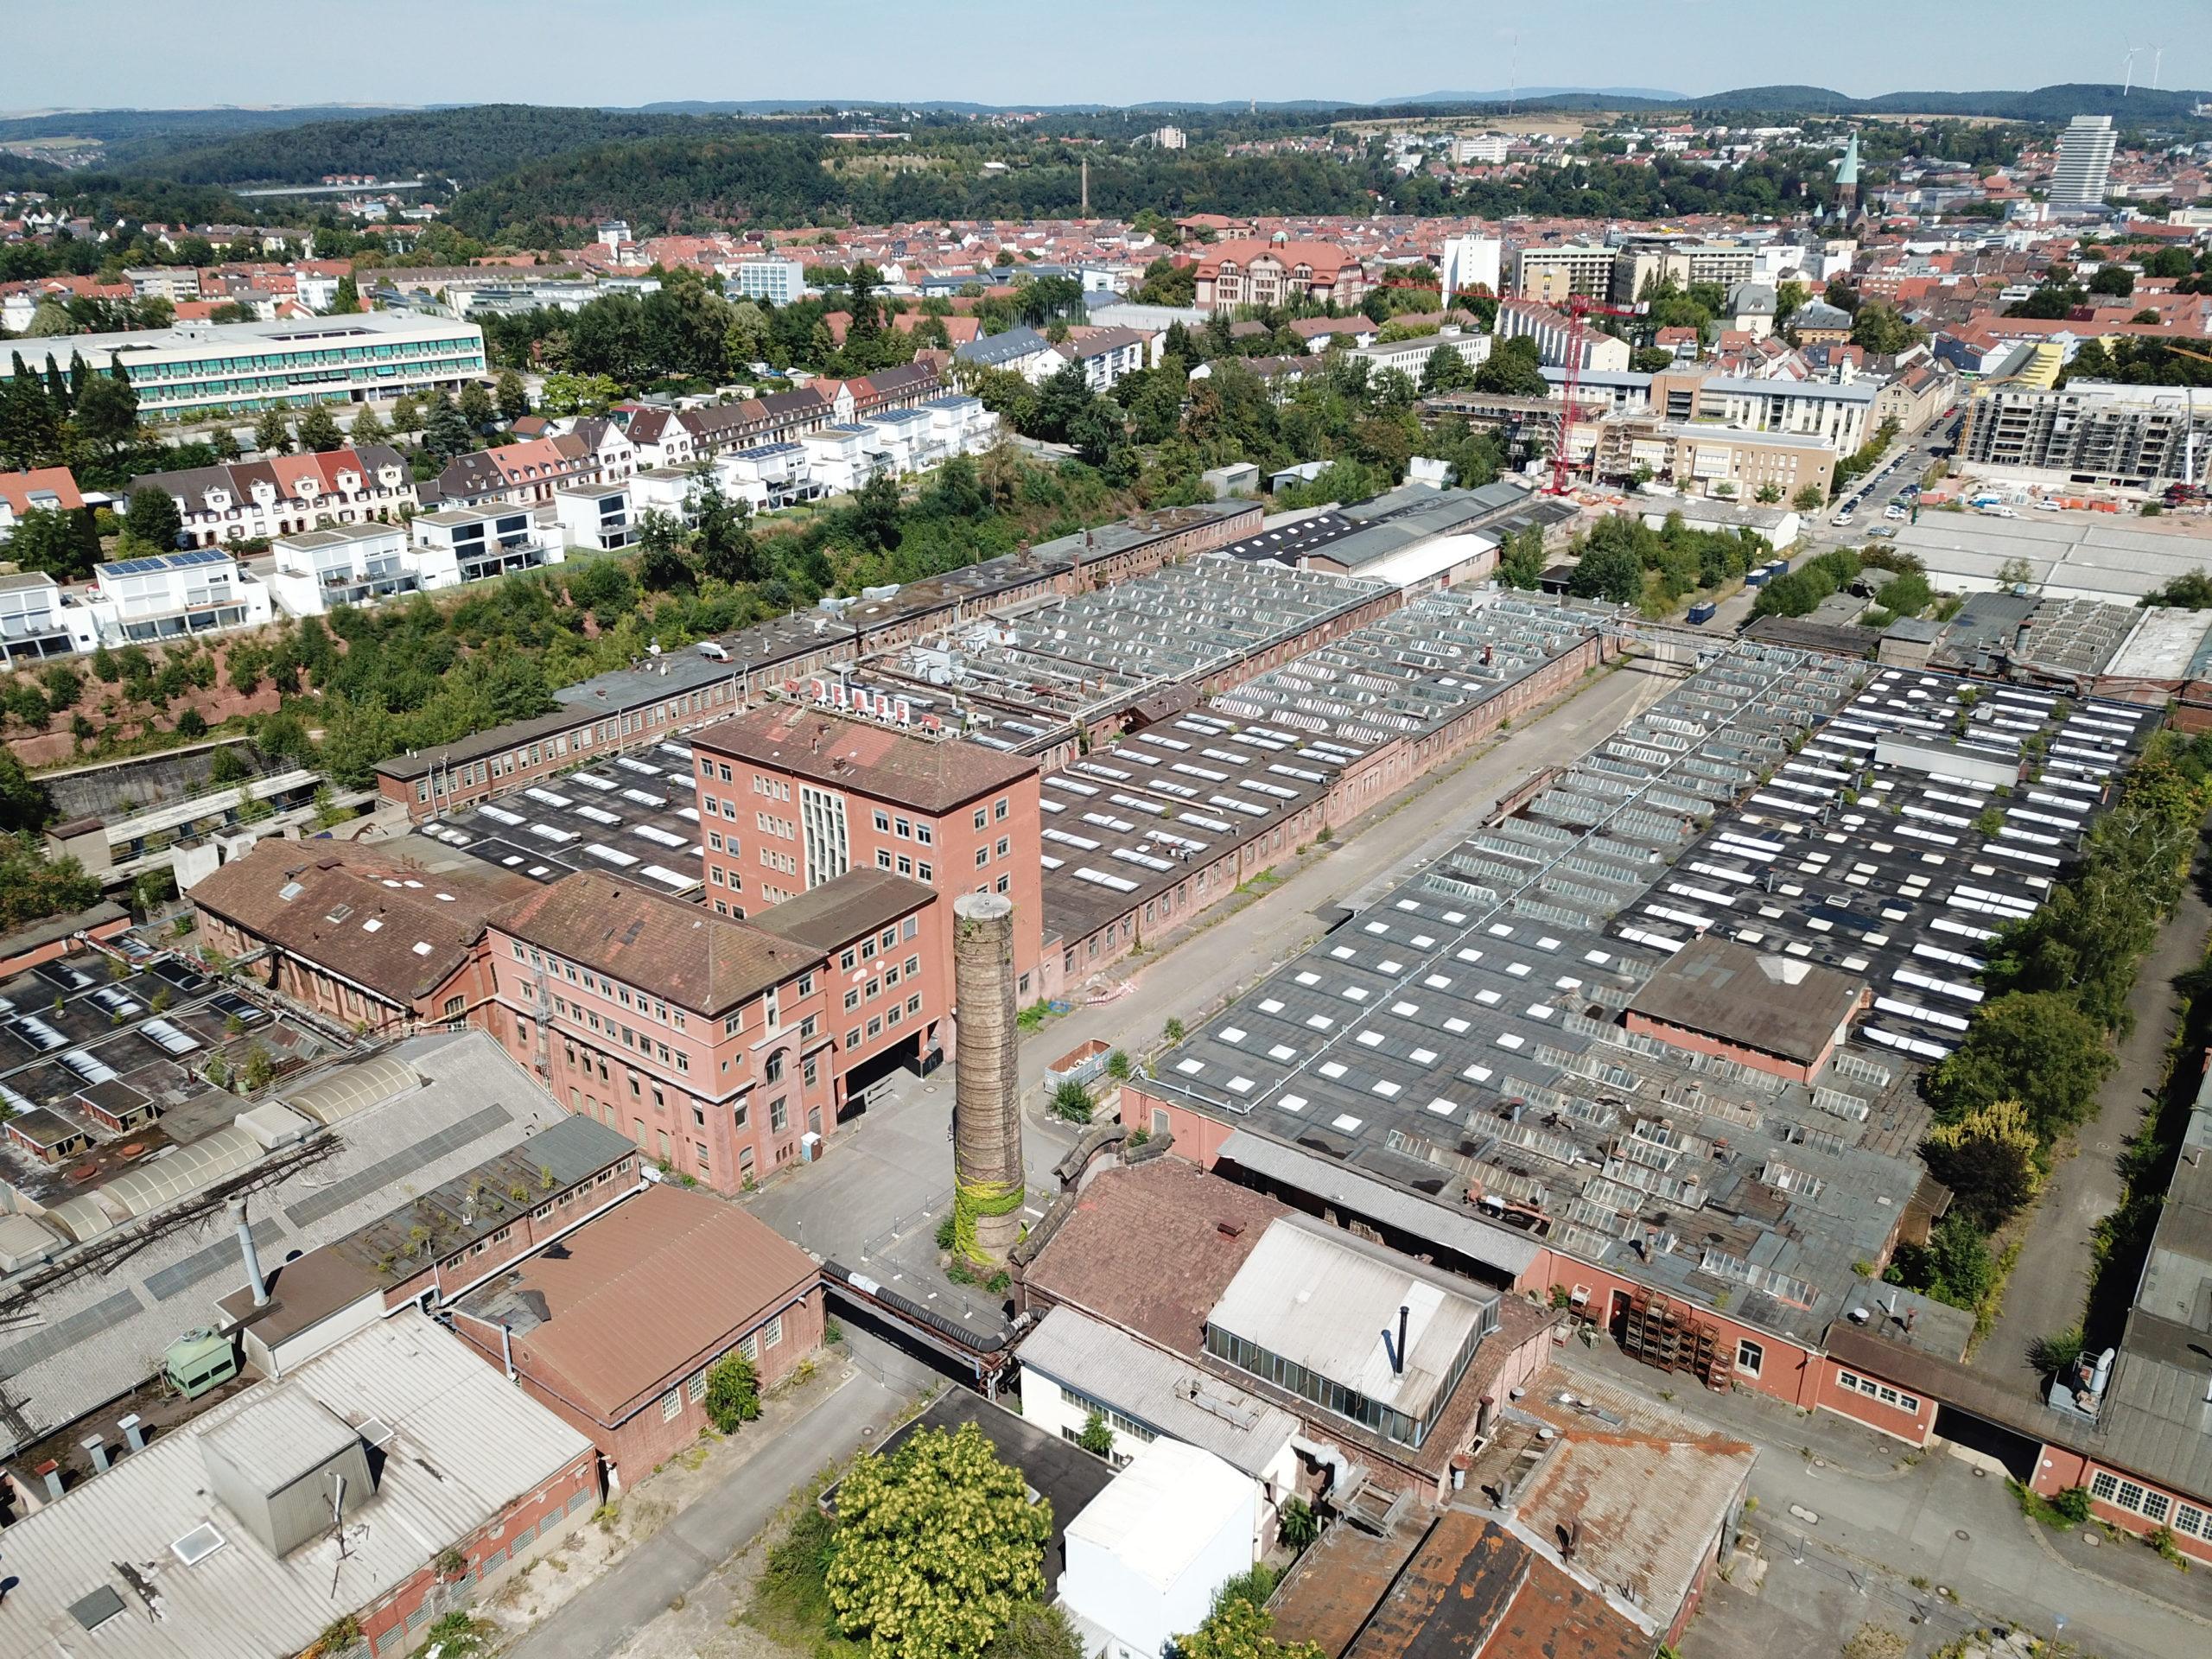 Pfaff Quartier aus der Luft, Bildquelle: Hochschule Trier – IfaS 2018